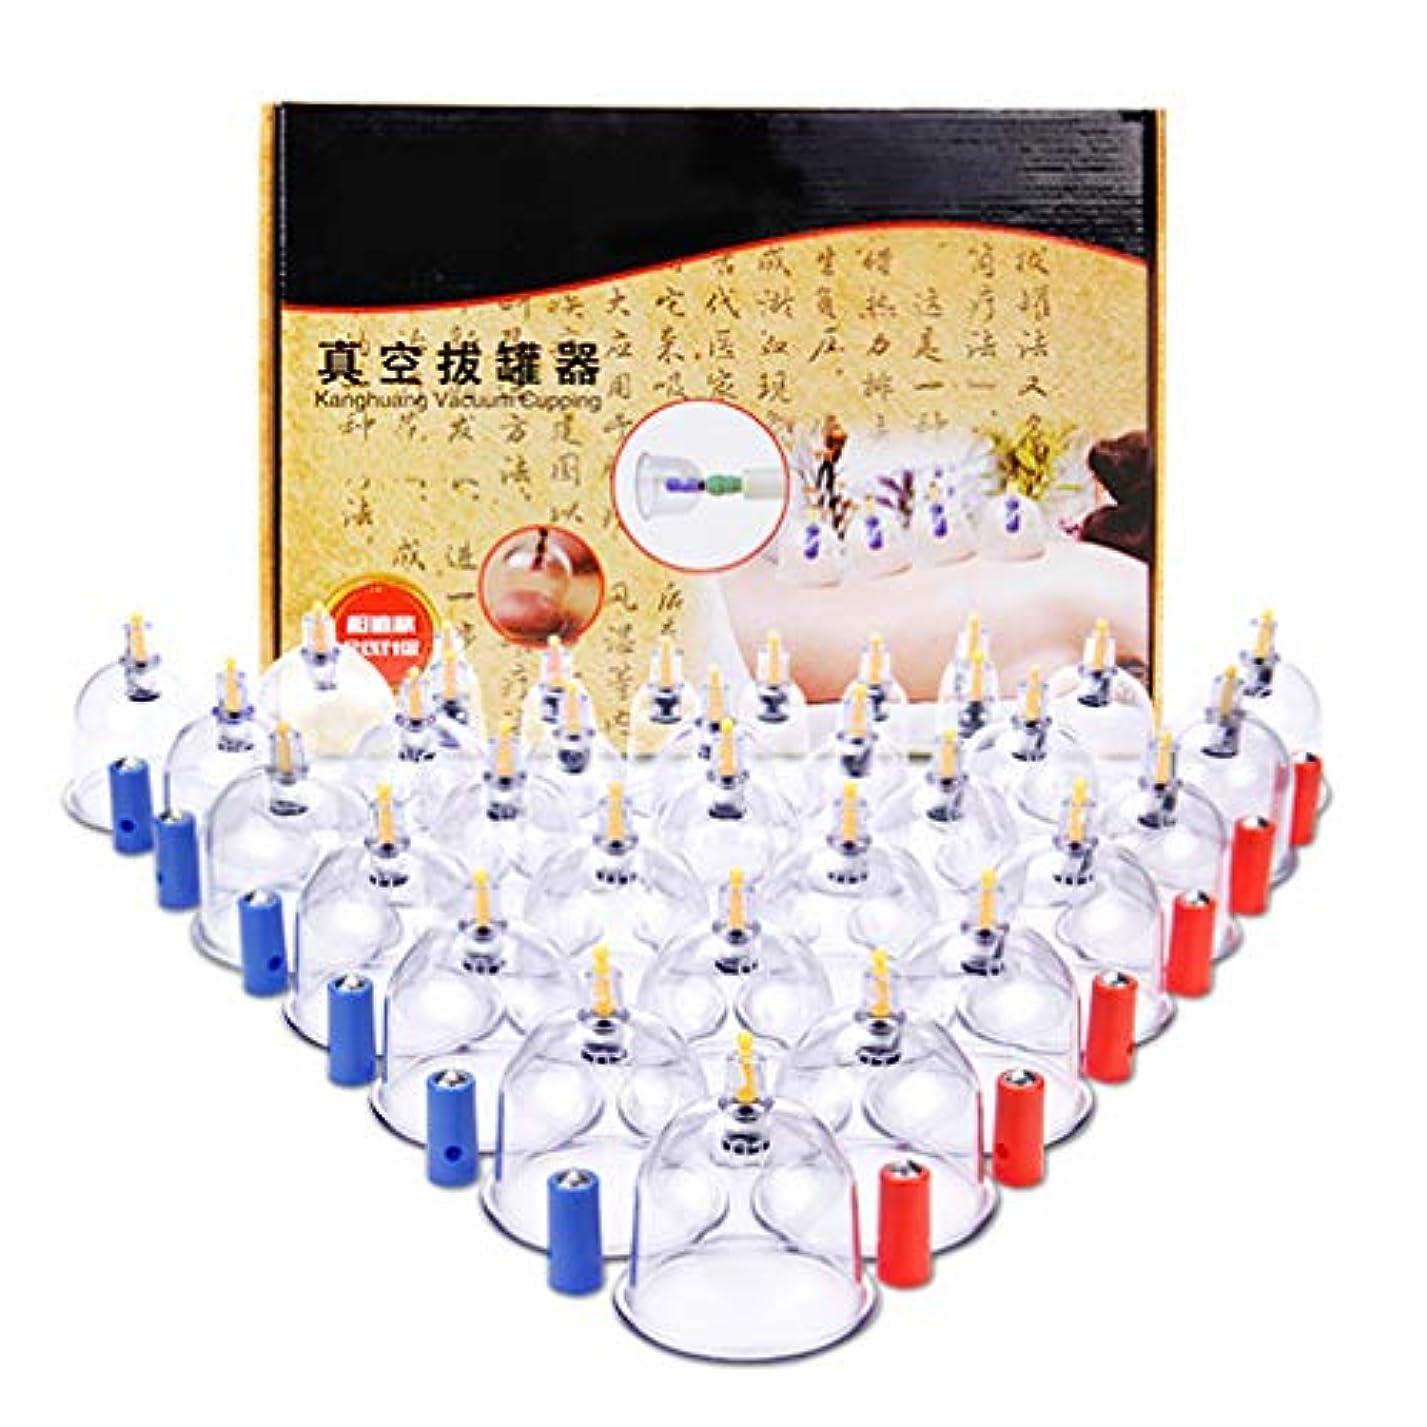 市民バージンスパーク32個の真空カッピングカップ、背中/首の痛み、減量のためのポンプハンドル中国式マッサージ医療用カッピングセット吸引鍼